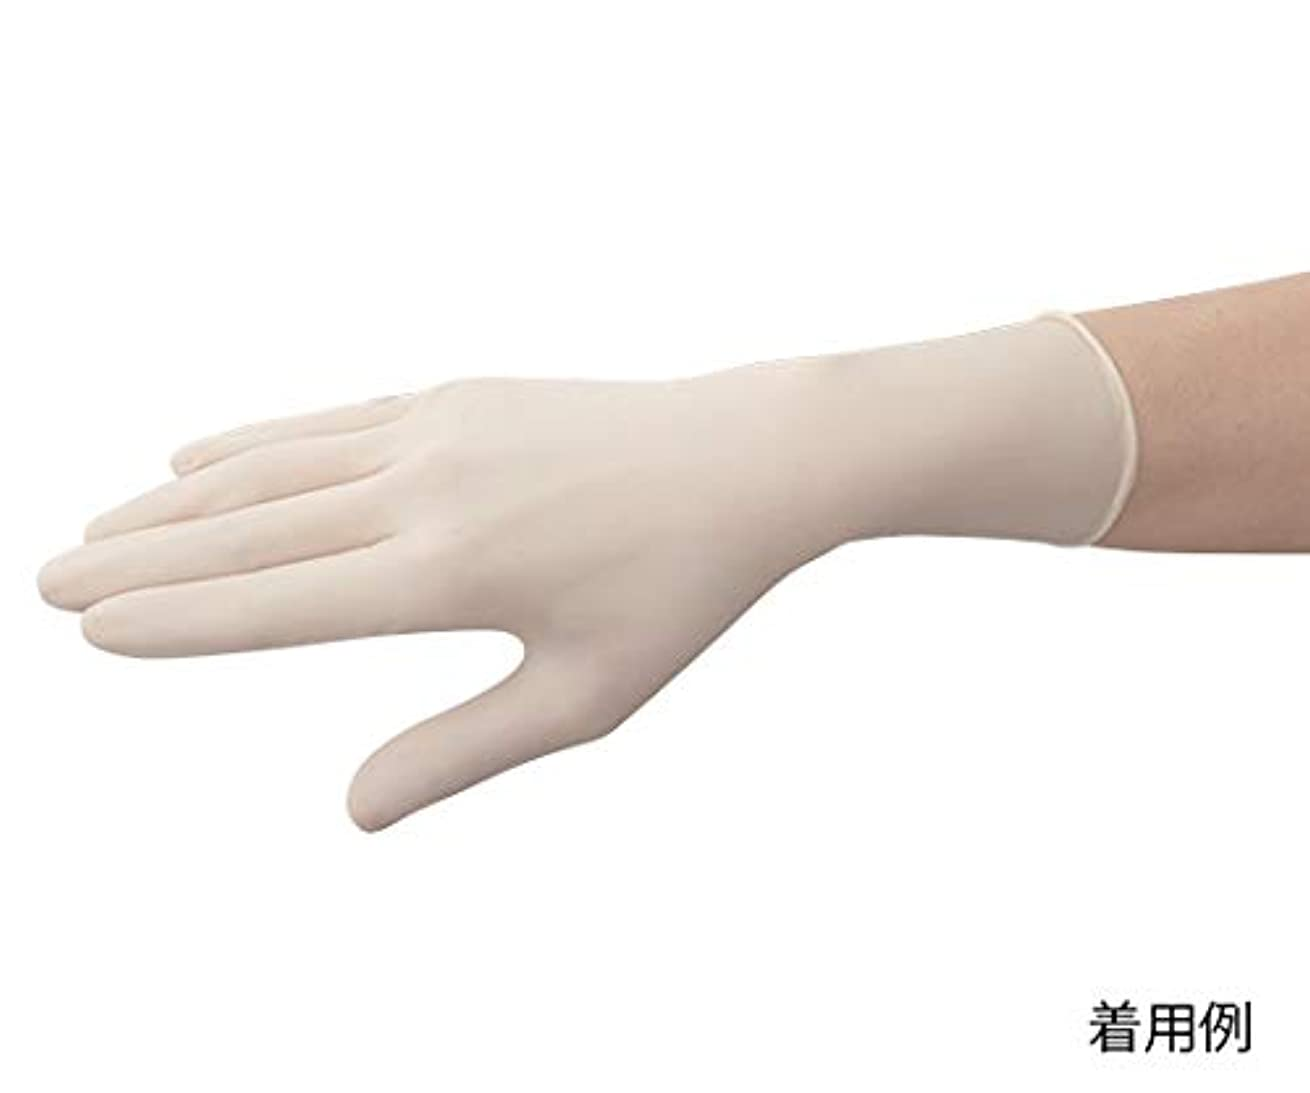 敬の念サーキットに行く不適切な東レ?メディカル 手術用手袋メディグリップ パウダーフリー50双 8160MG